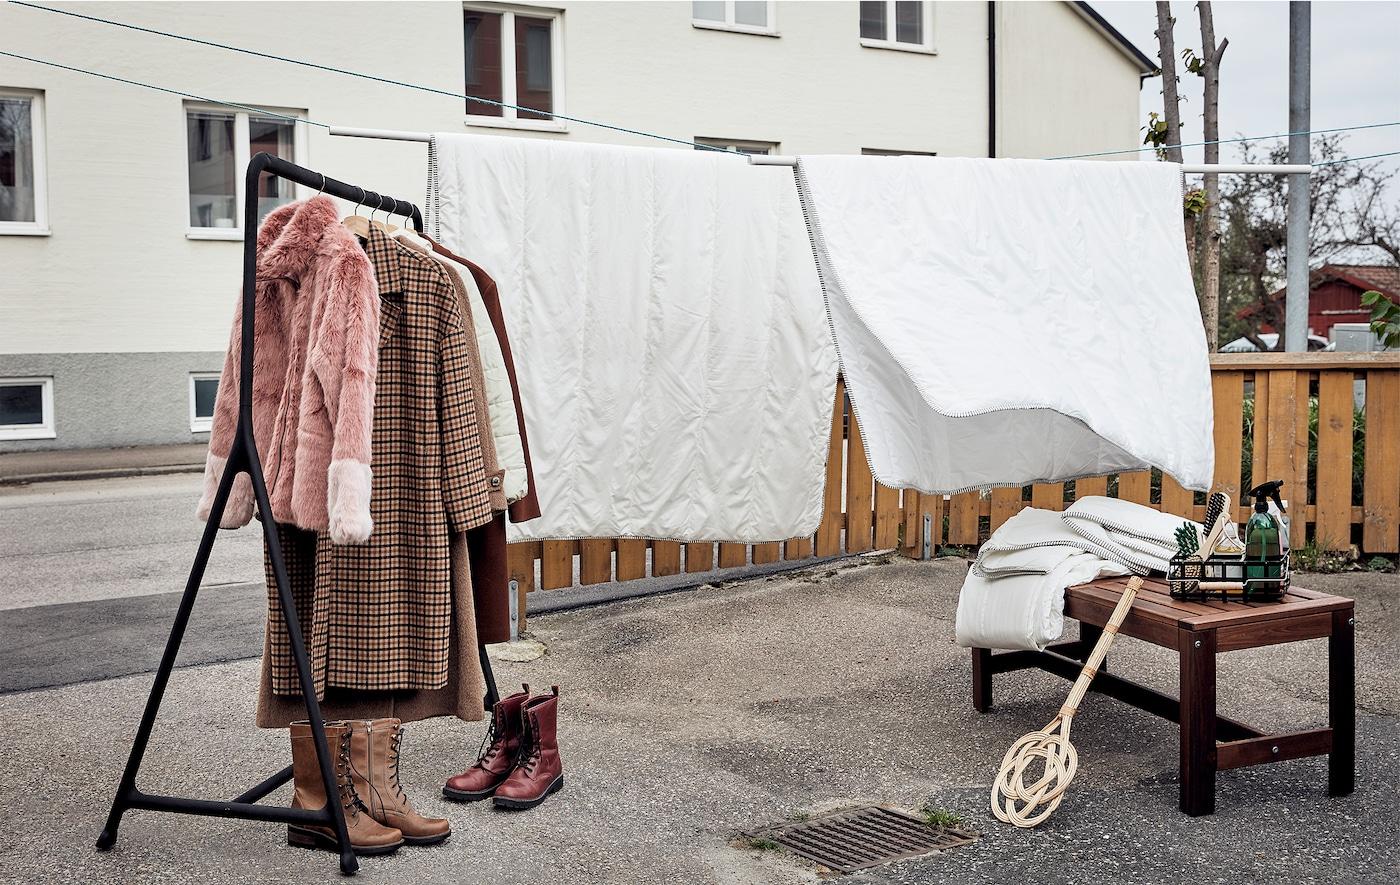 Une cour aménagée pour le nettoyage du printemps: des couettes suspendues à des cordes, une tringle à vêtements, des chaussures, des textiles et des accessoires de nettoyage.